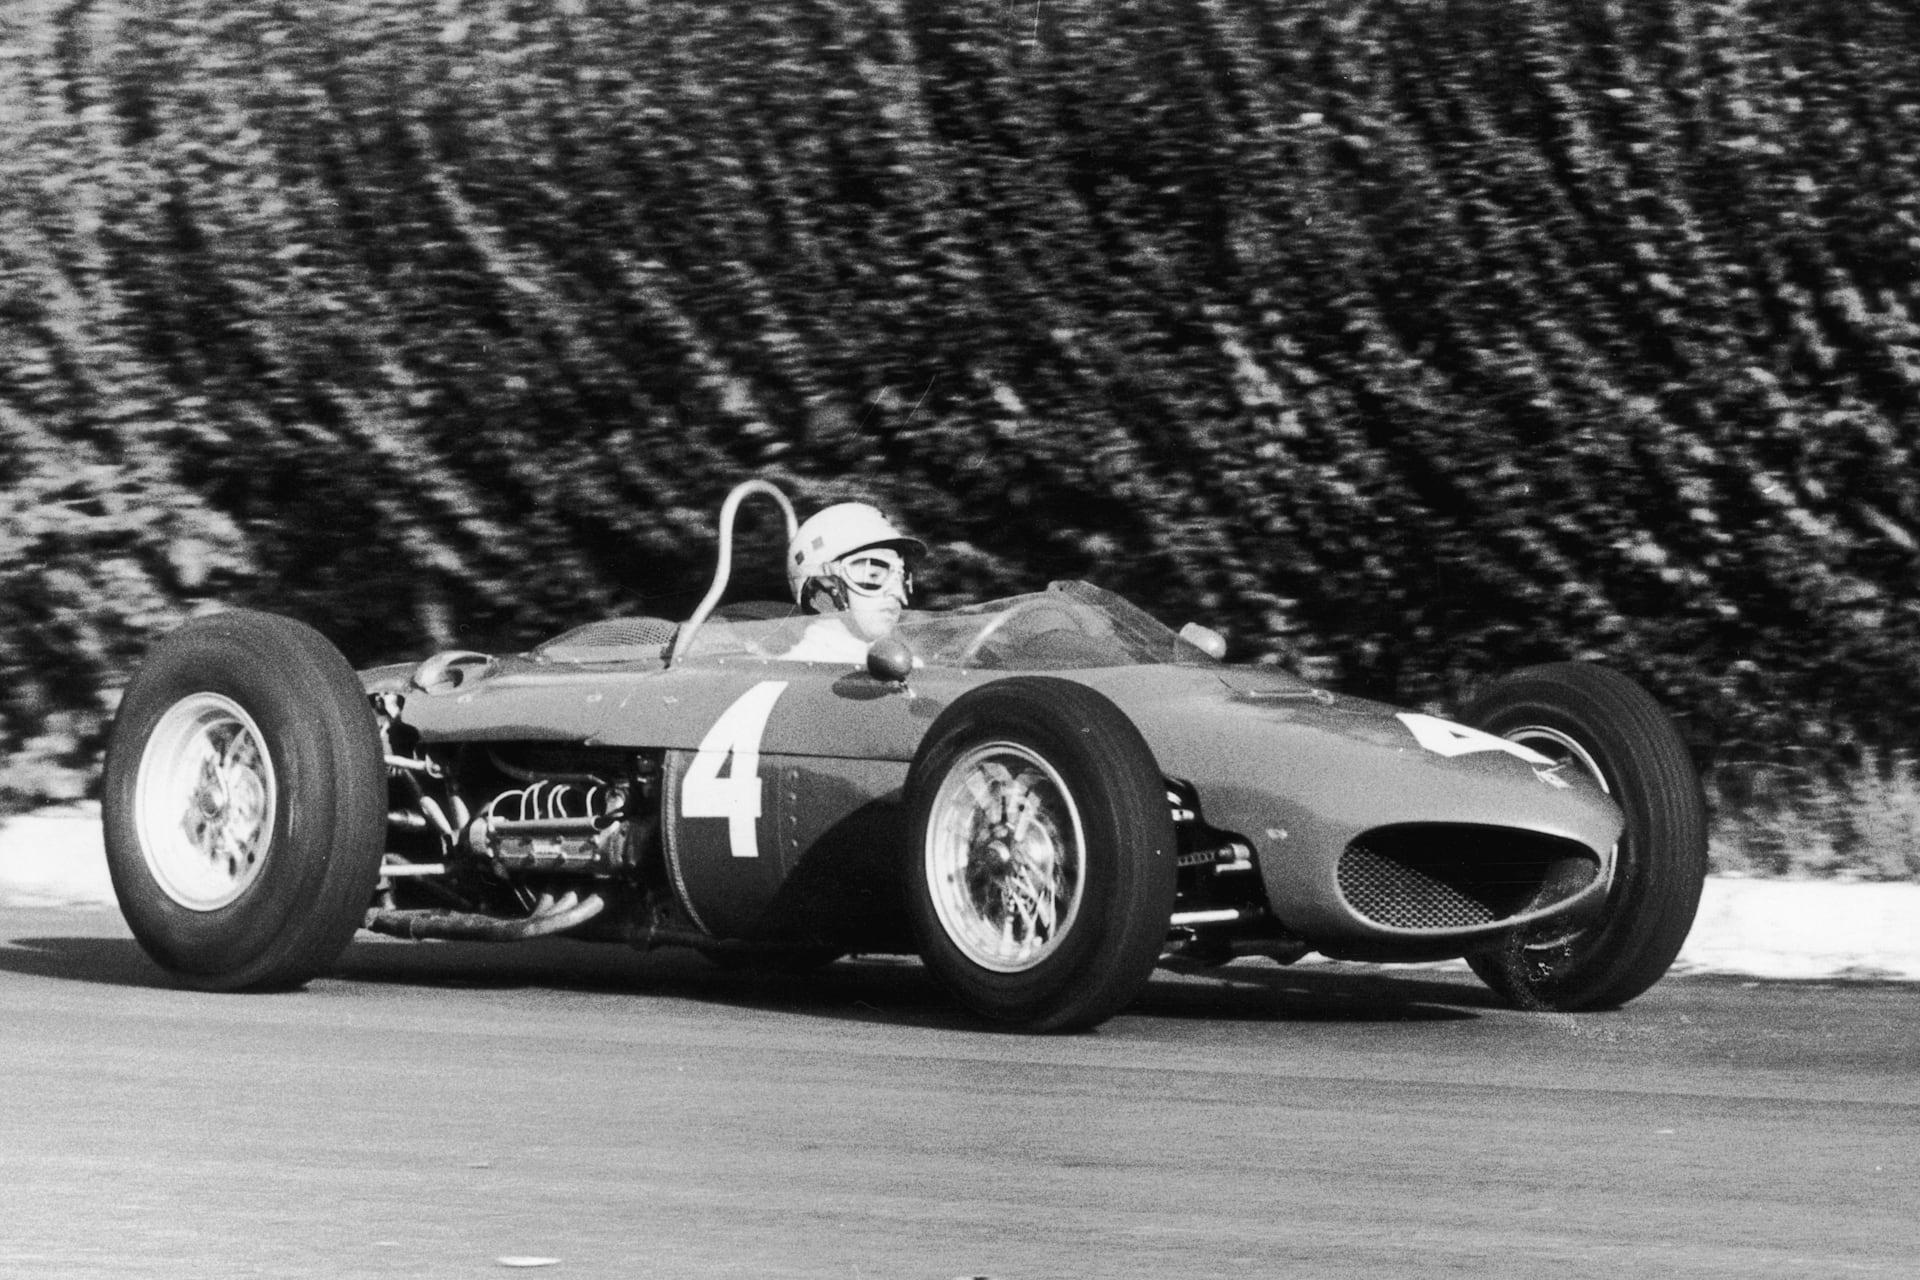 フェラーリ 156:シャークノーズ